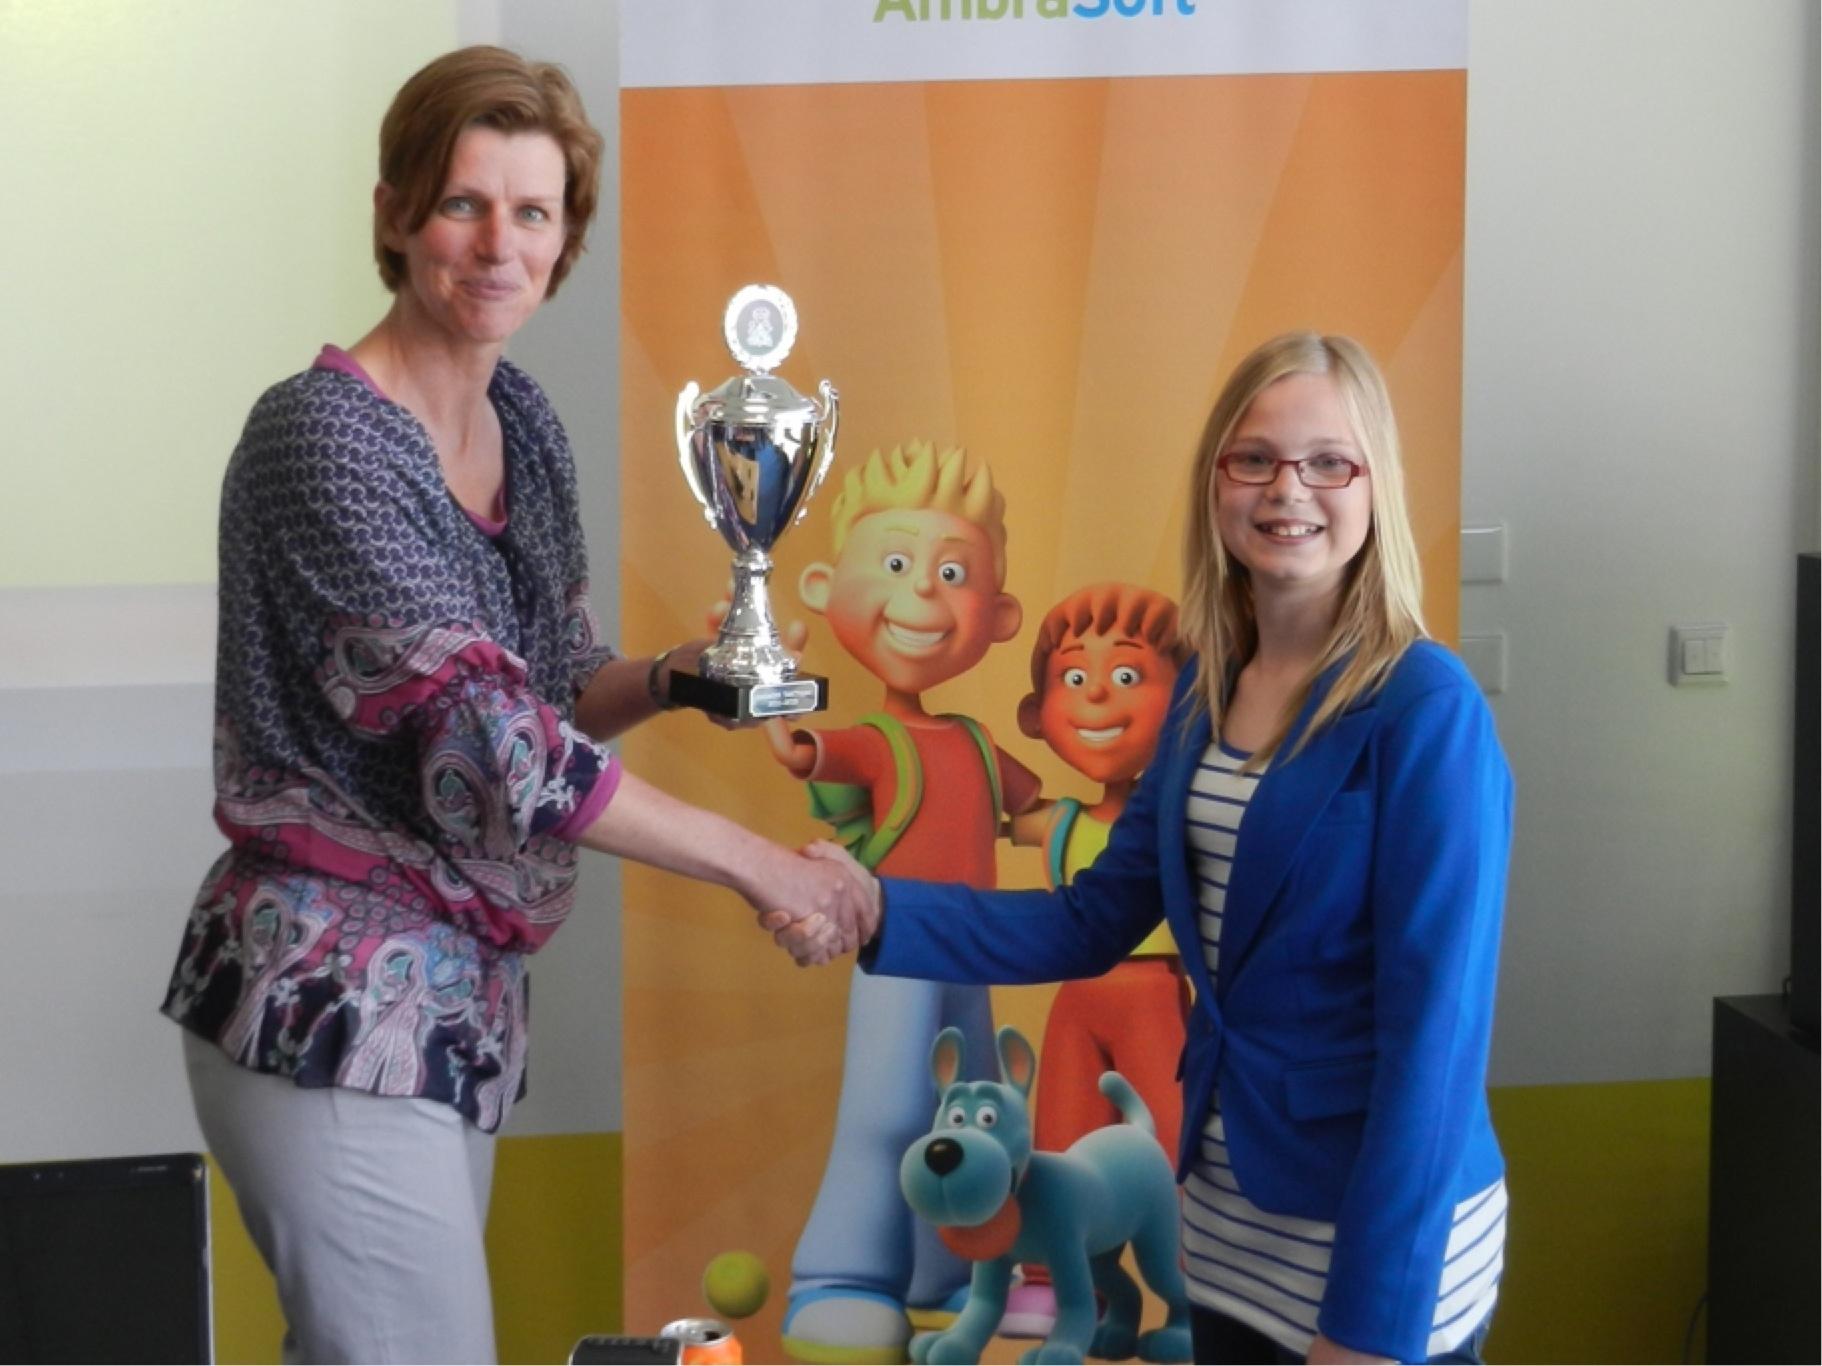 Dit is de #TafelTopper Thuis van 2011-2012: Paulien Baars krijgt de beker van AmbraSoft-manager Janine Ziemerink. http://t.co/l87ERv2A